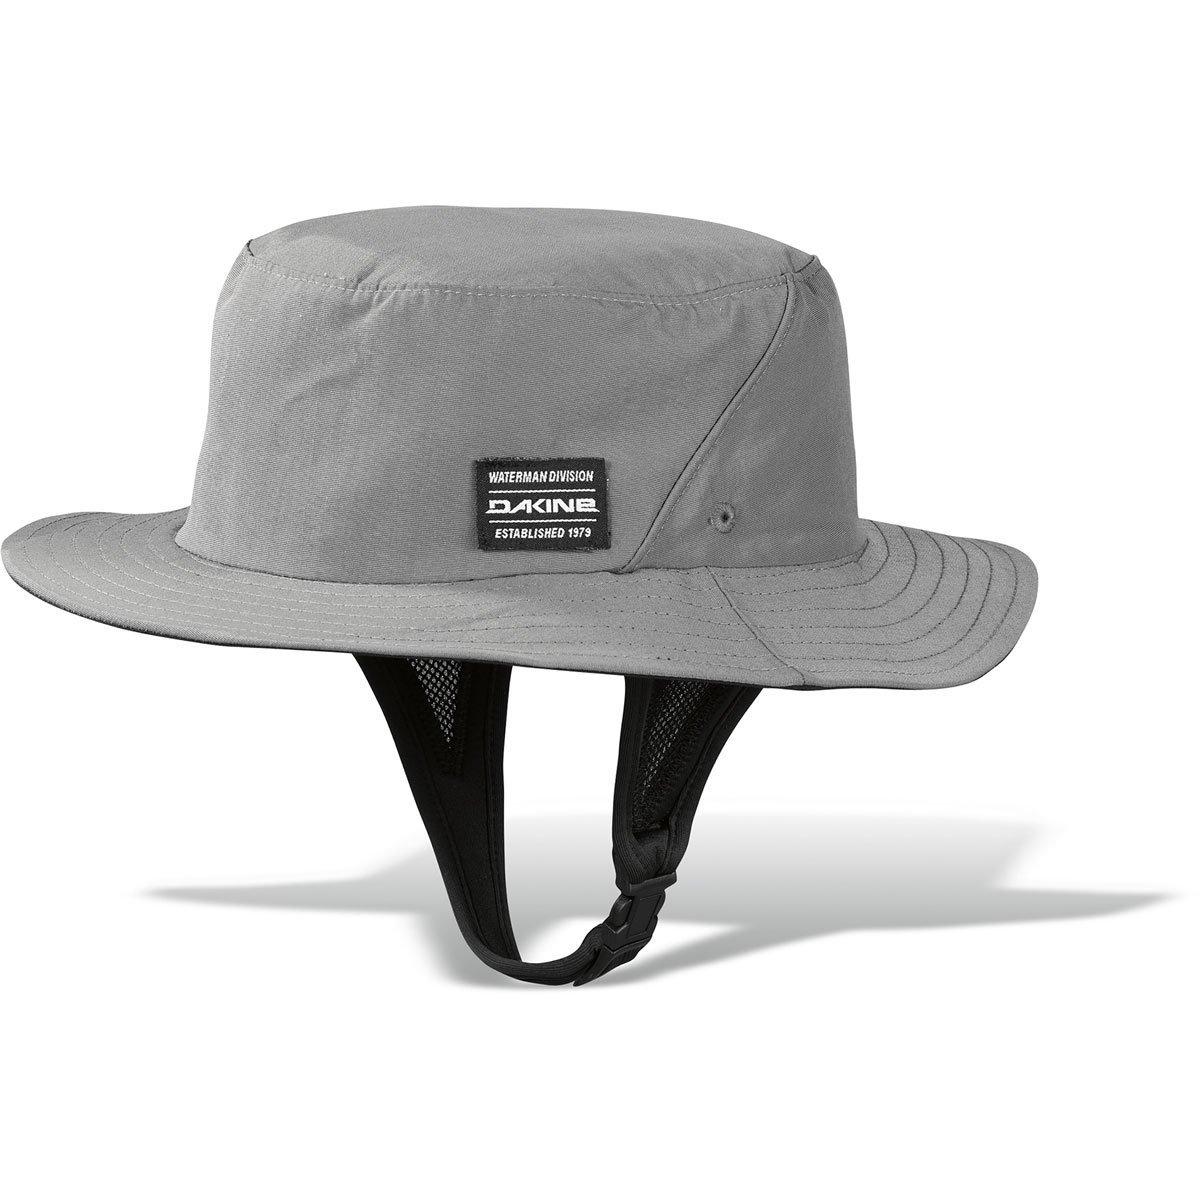 DaKine Indo Surf Hat - Grey - L/XL